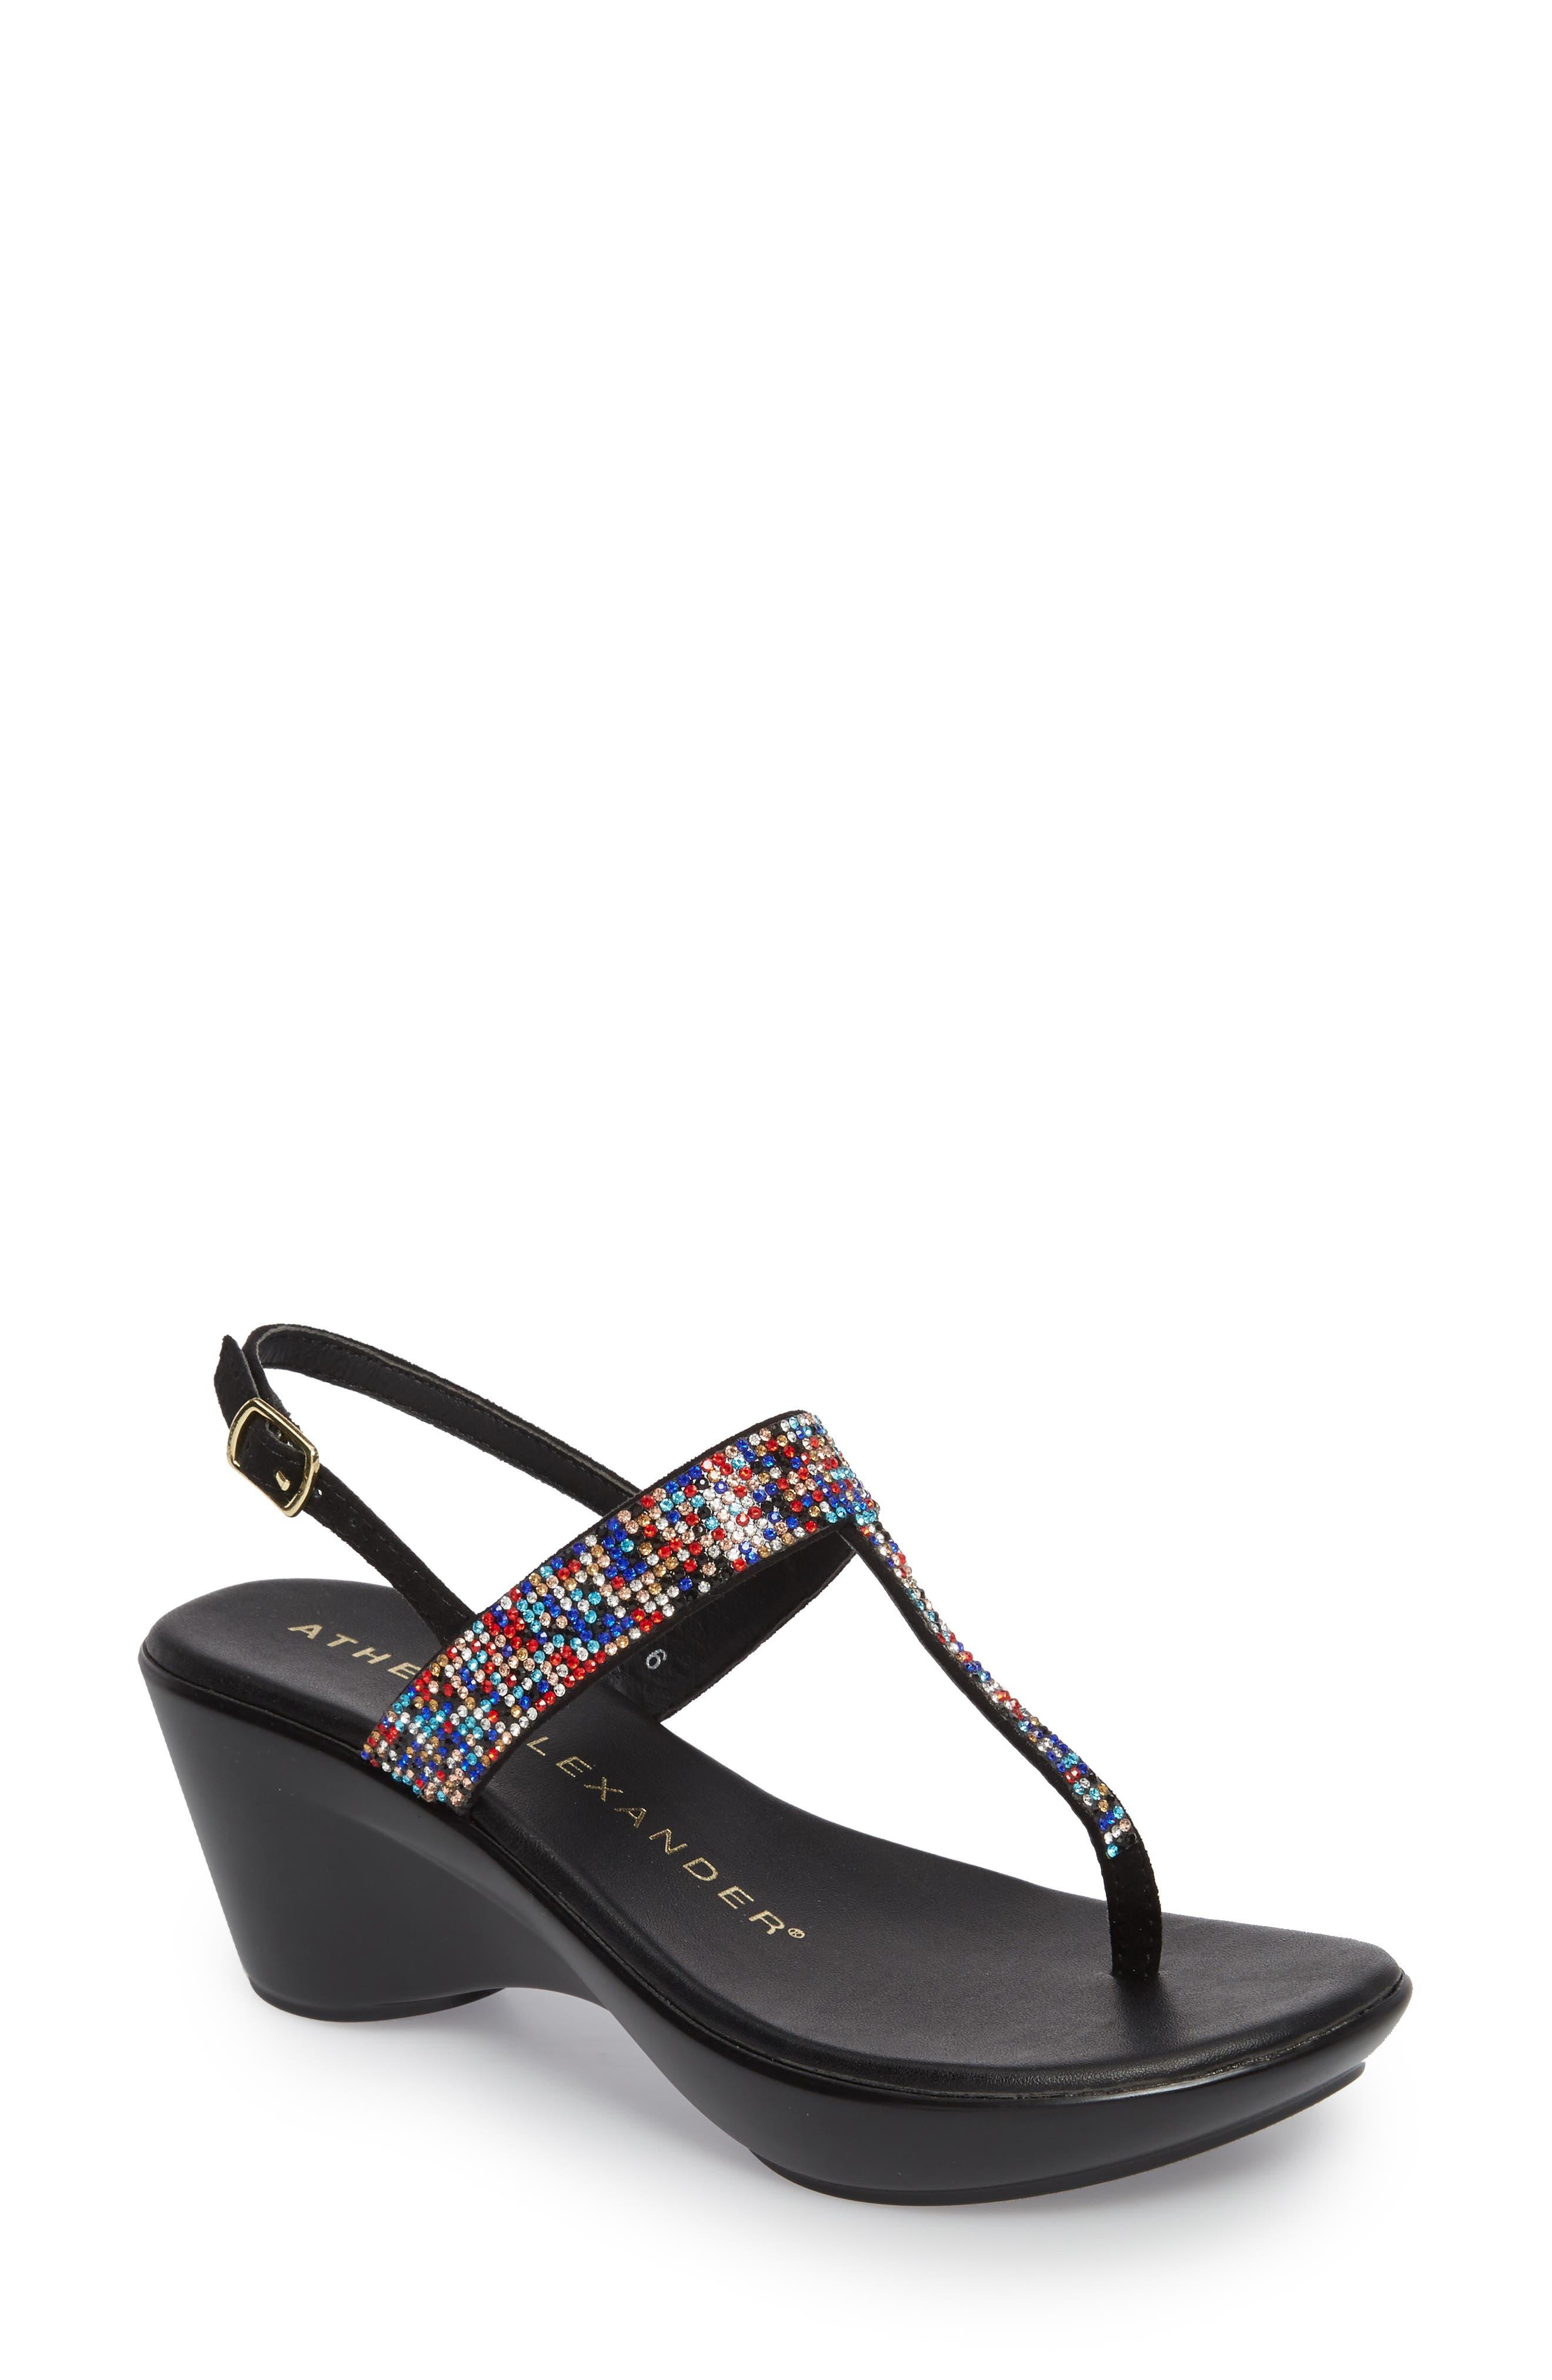 Dakkota Wedge Sandal,                         Main,                         color, 001